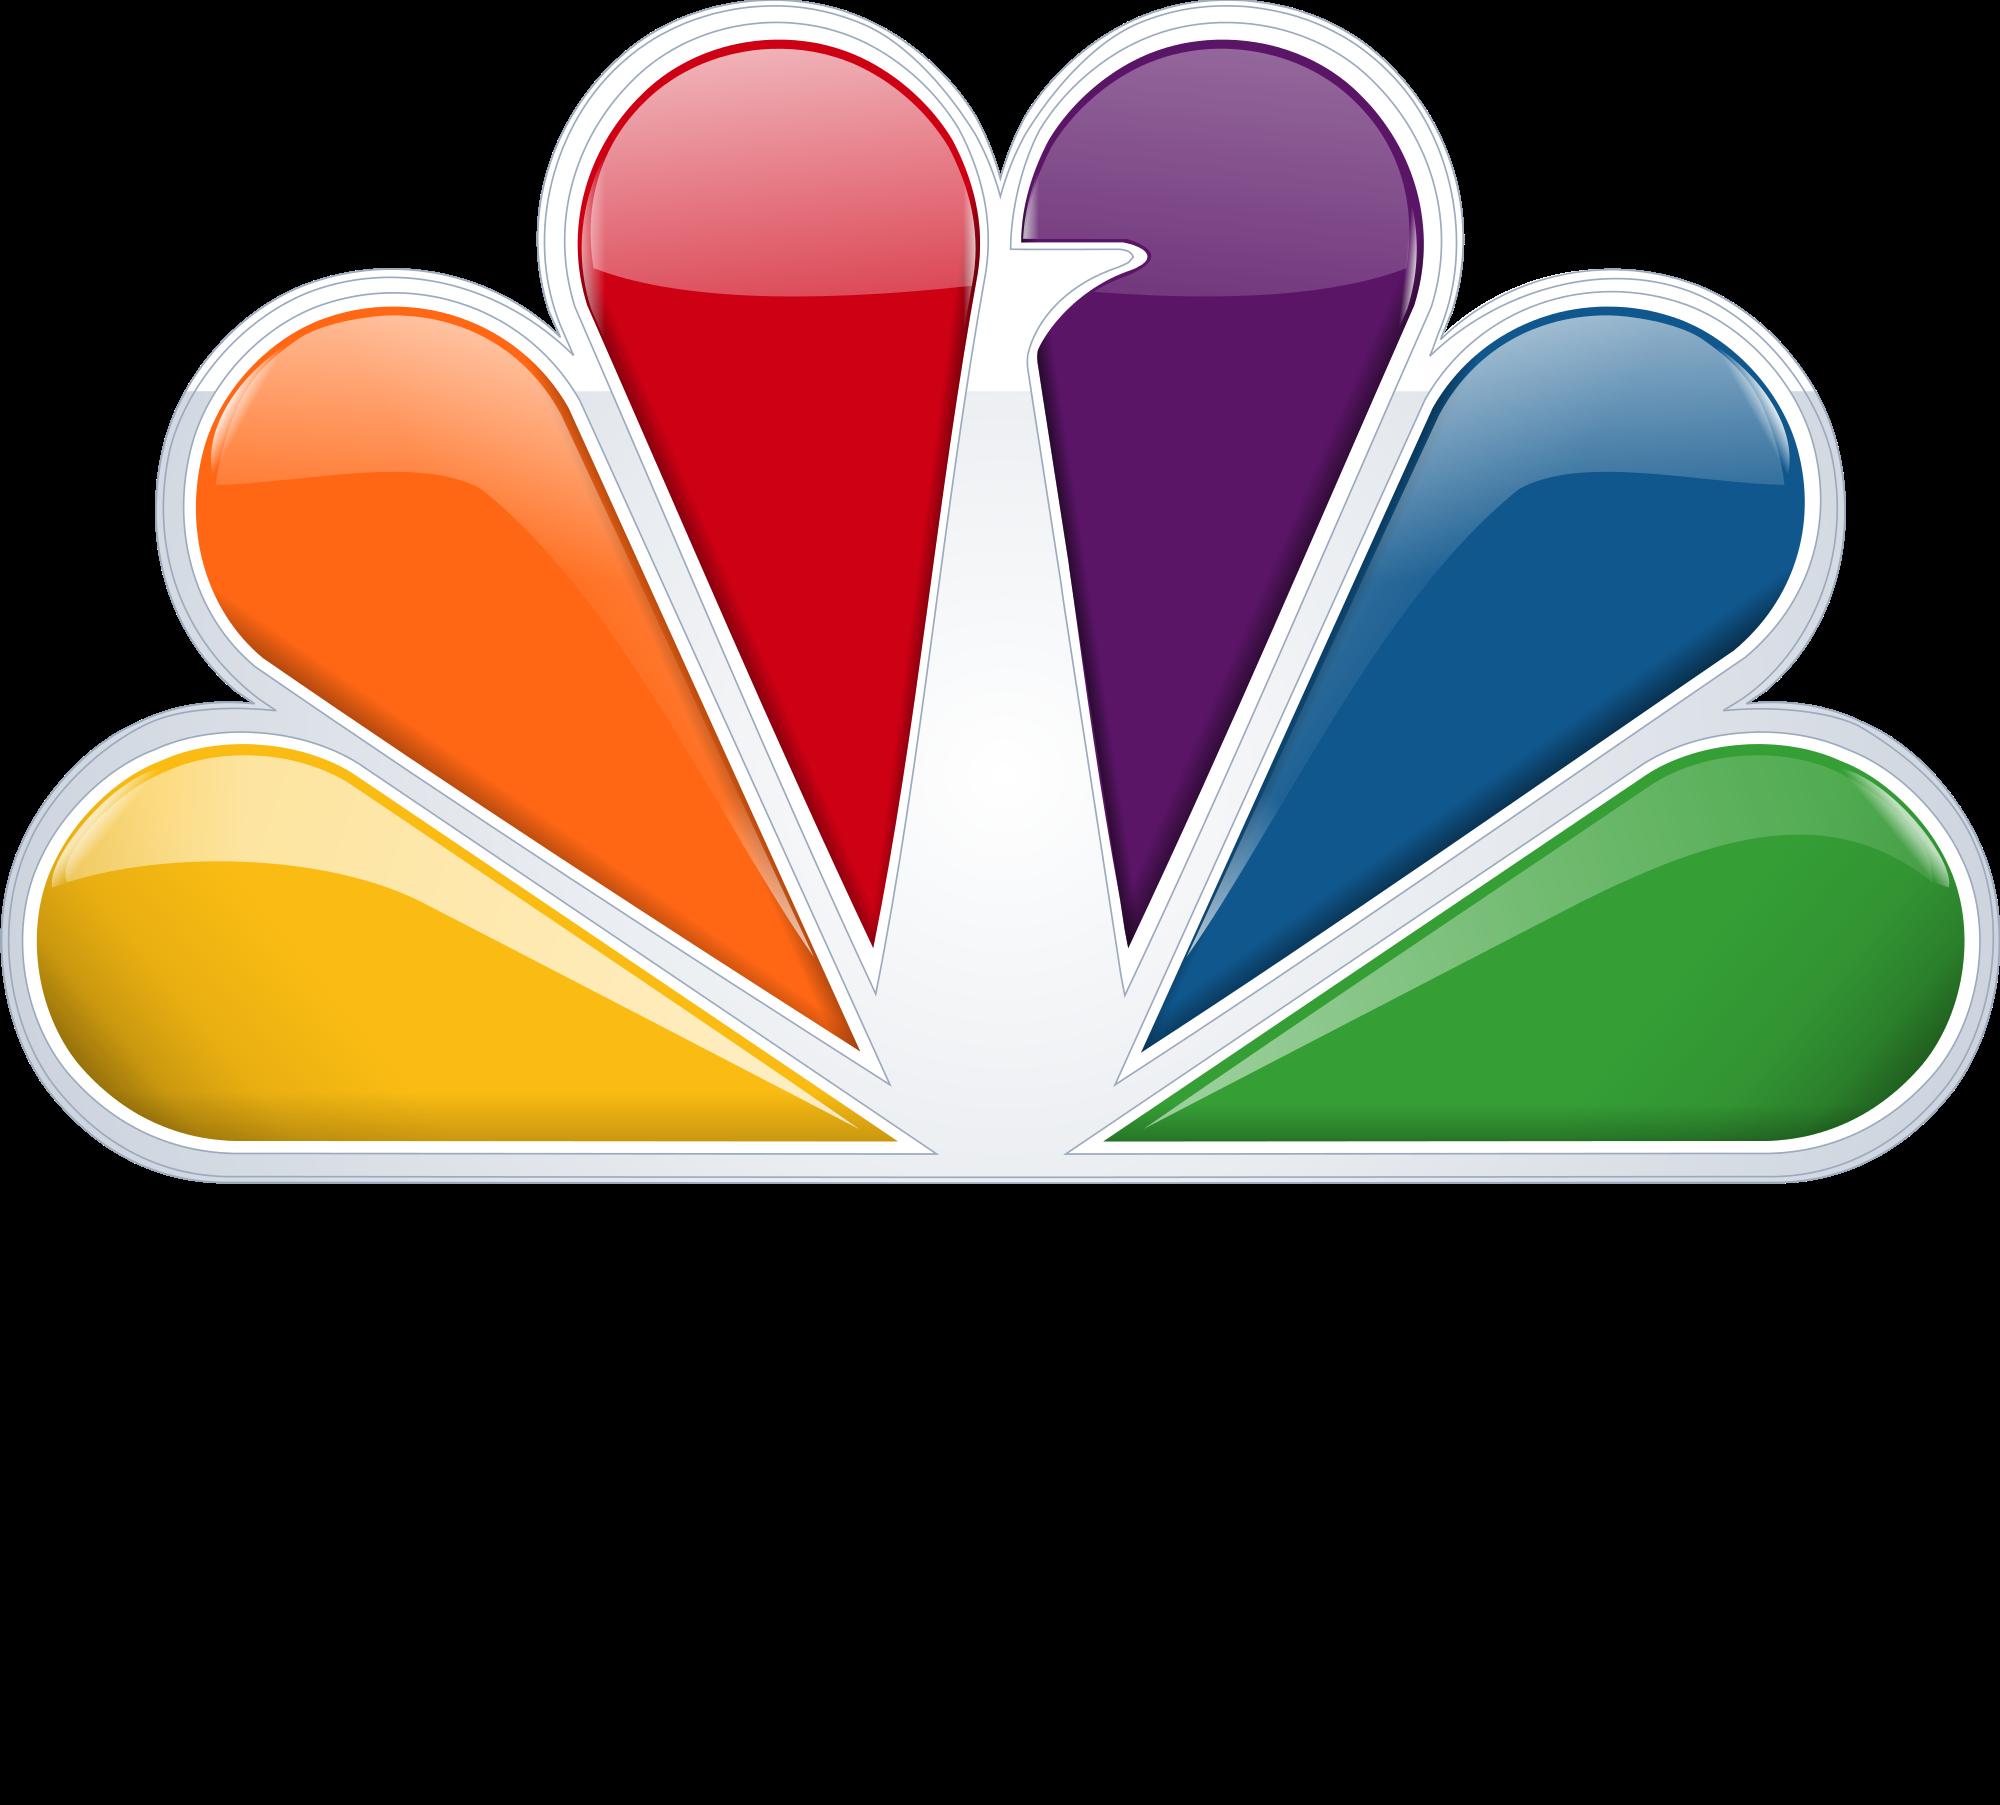 MSNBC.COM Just Part of a Bigger NBC Brand Problem - Msnbc Logo PNG